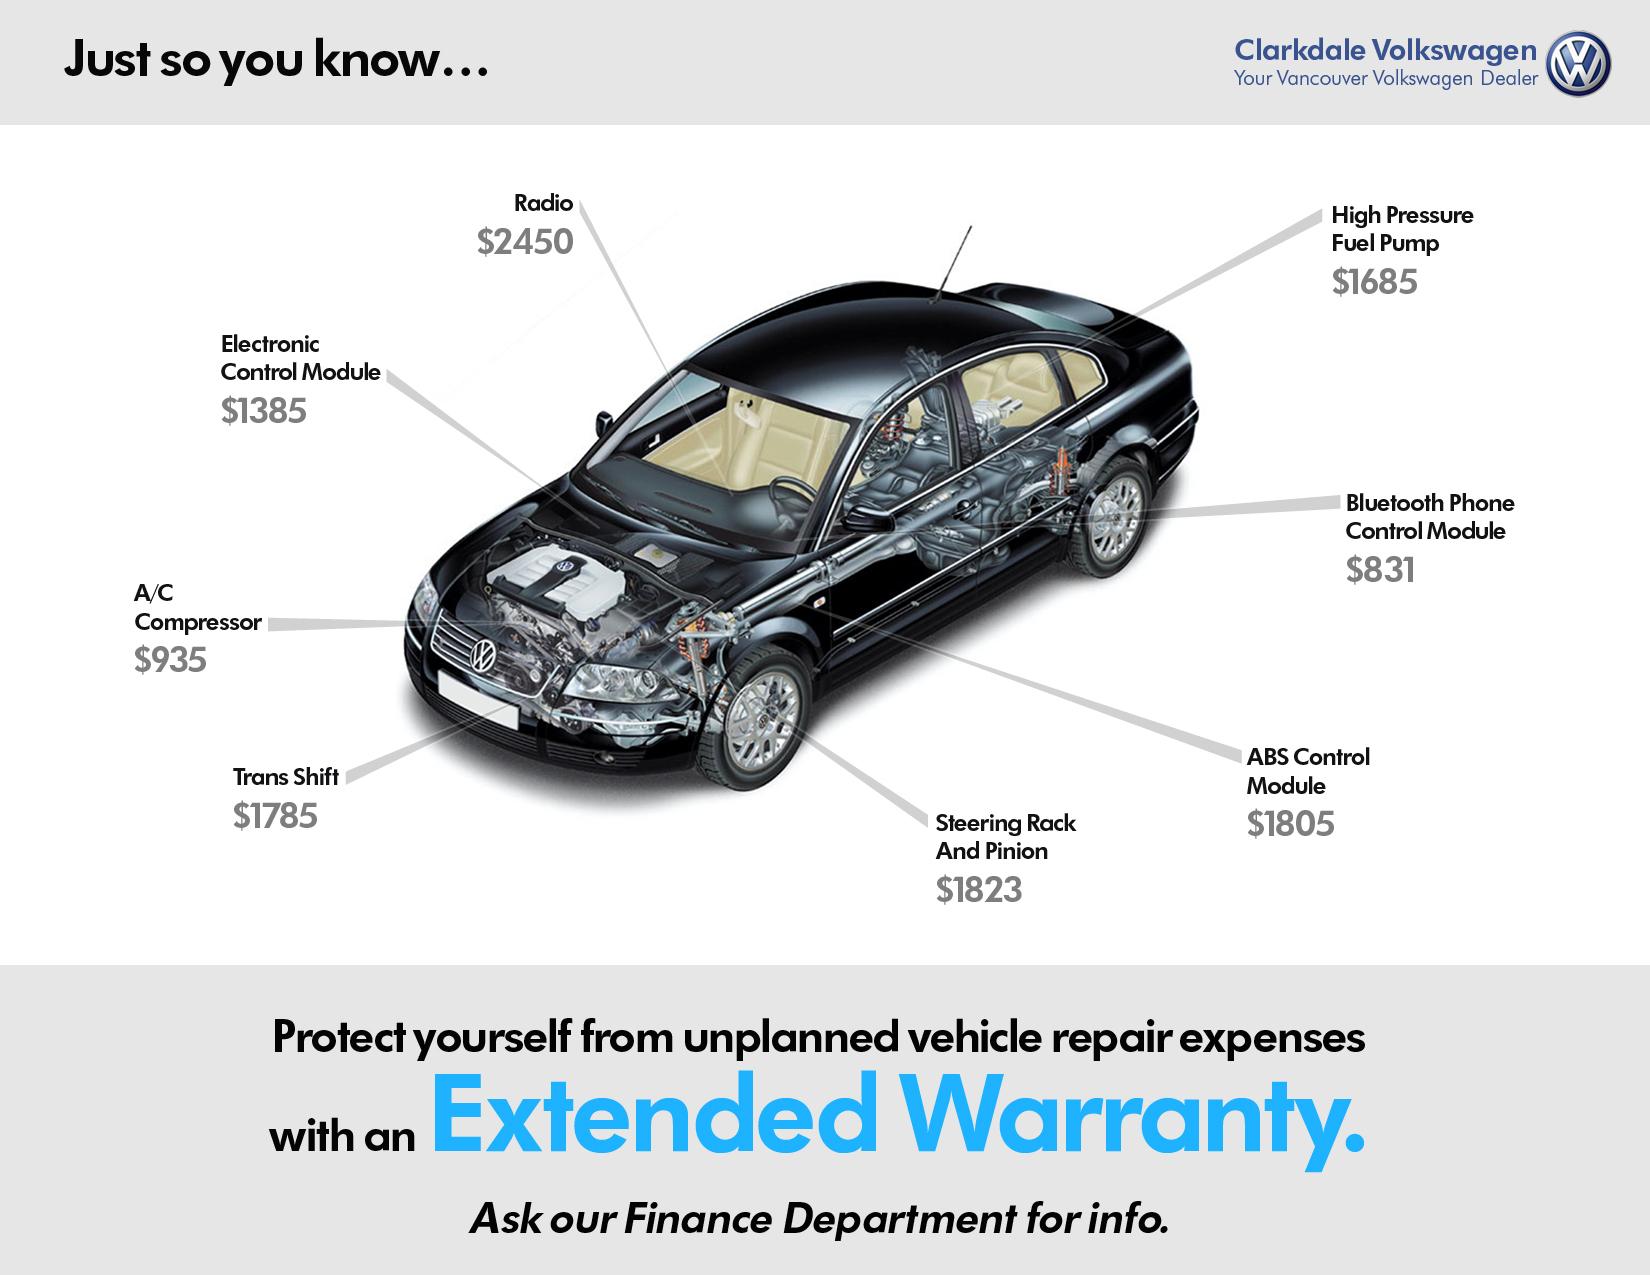 Vancouver British Columbia Volkswagen Dealership Clarkdale Volkswagen